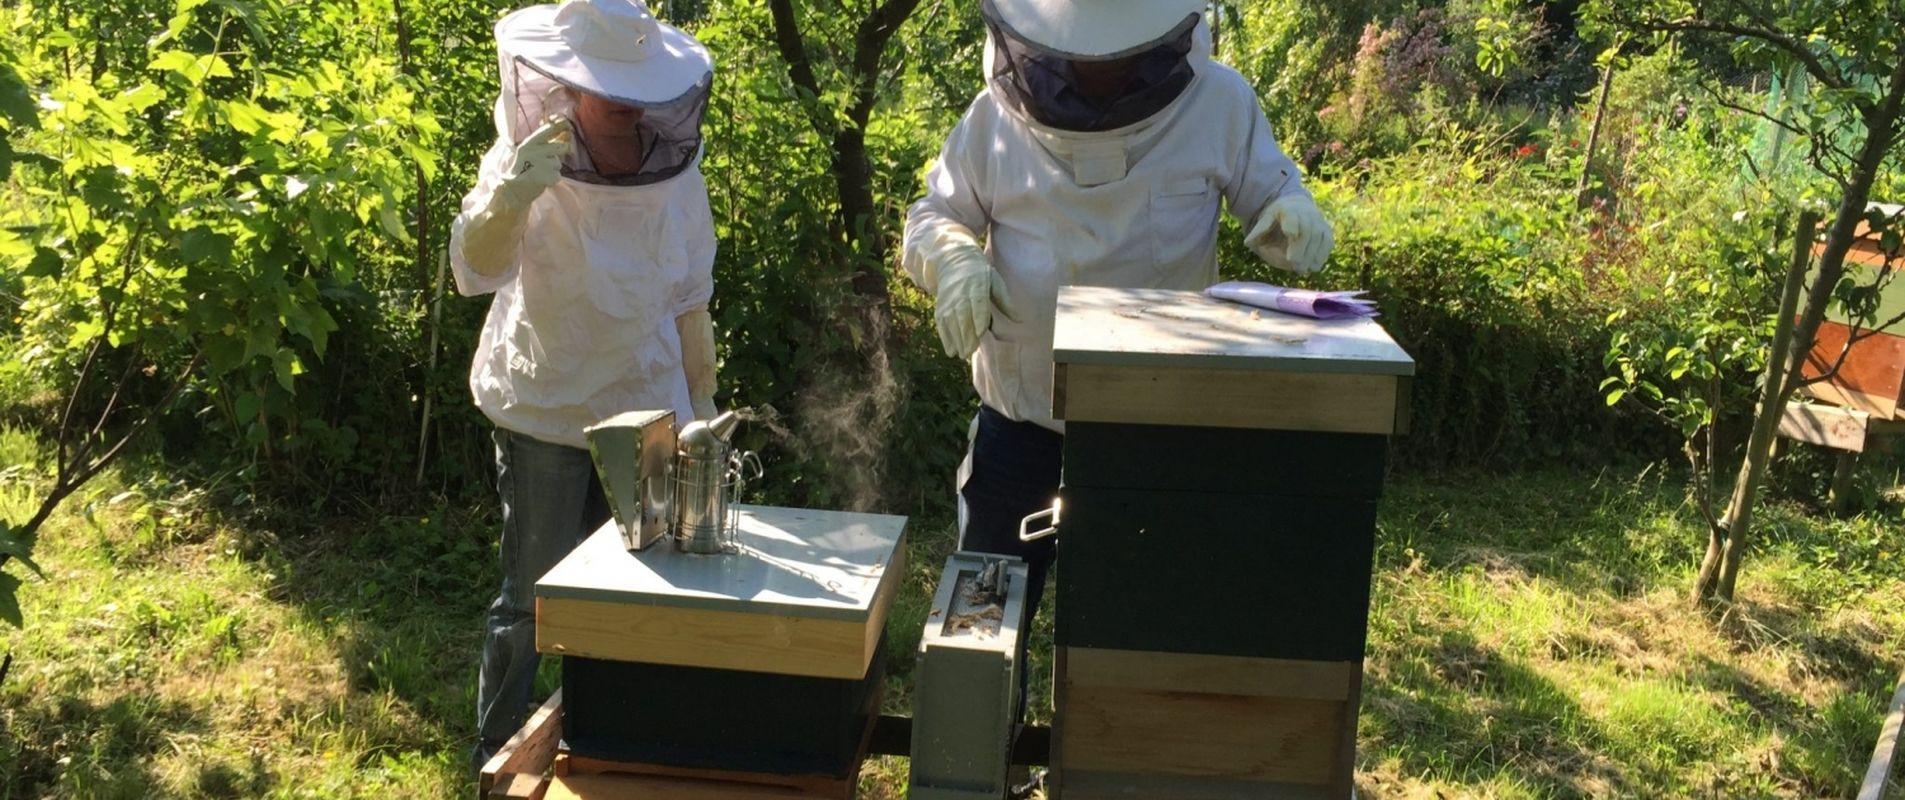 insect-invertebrate-beekeepe-1200x800px 72dpi.jpg